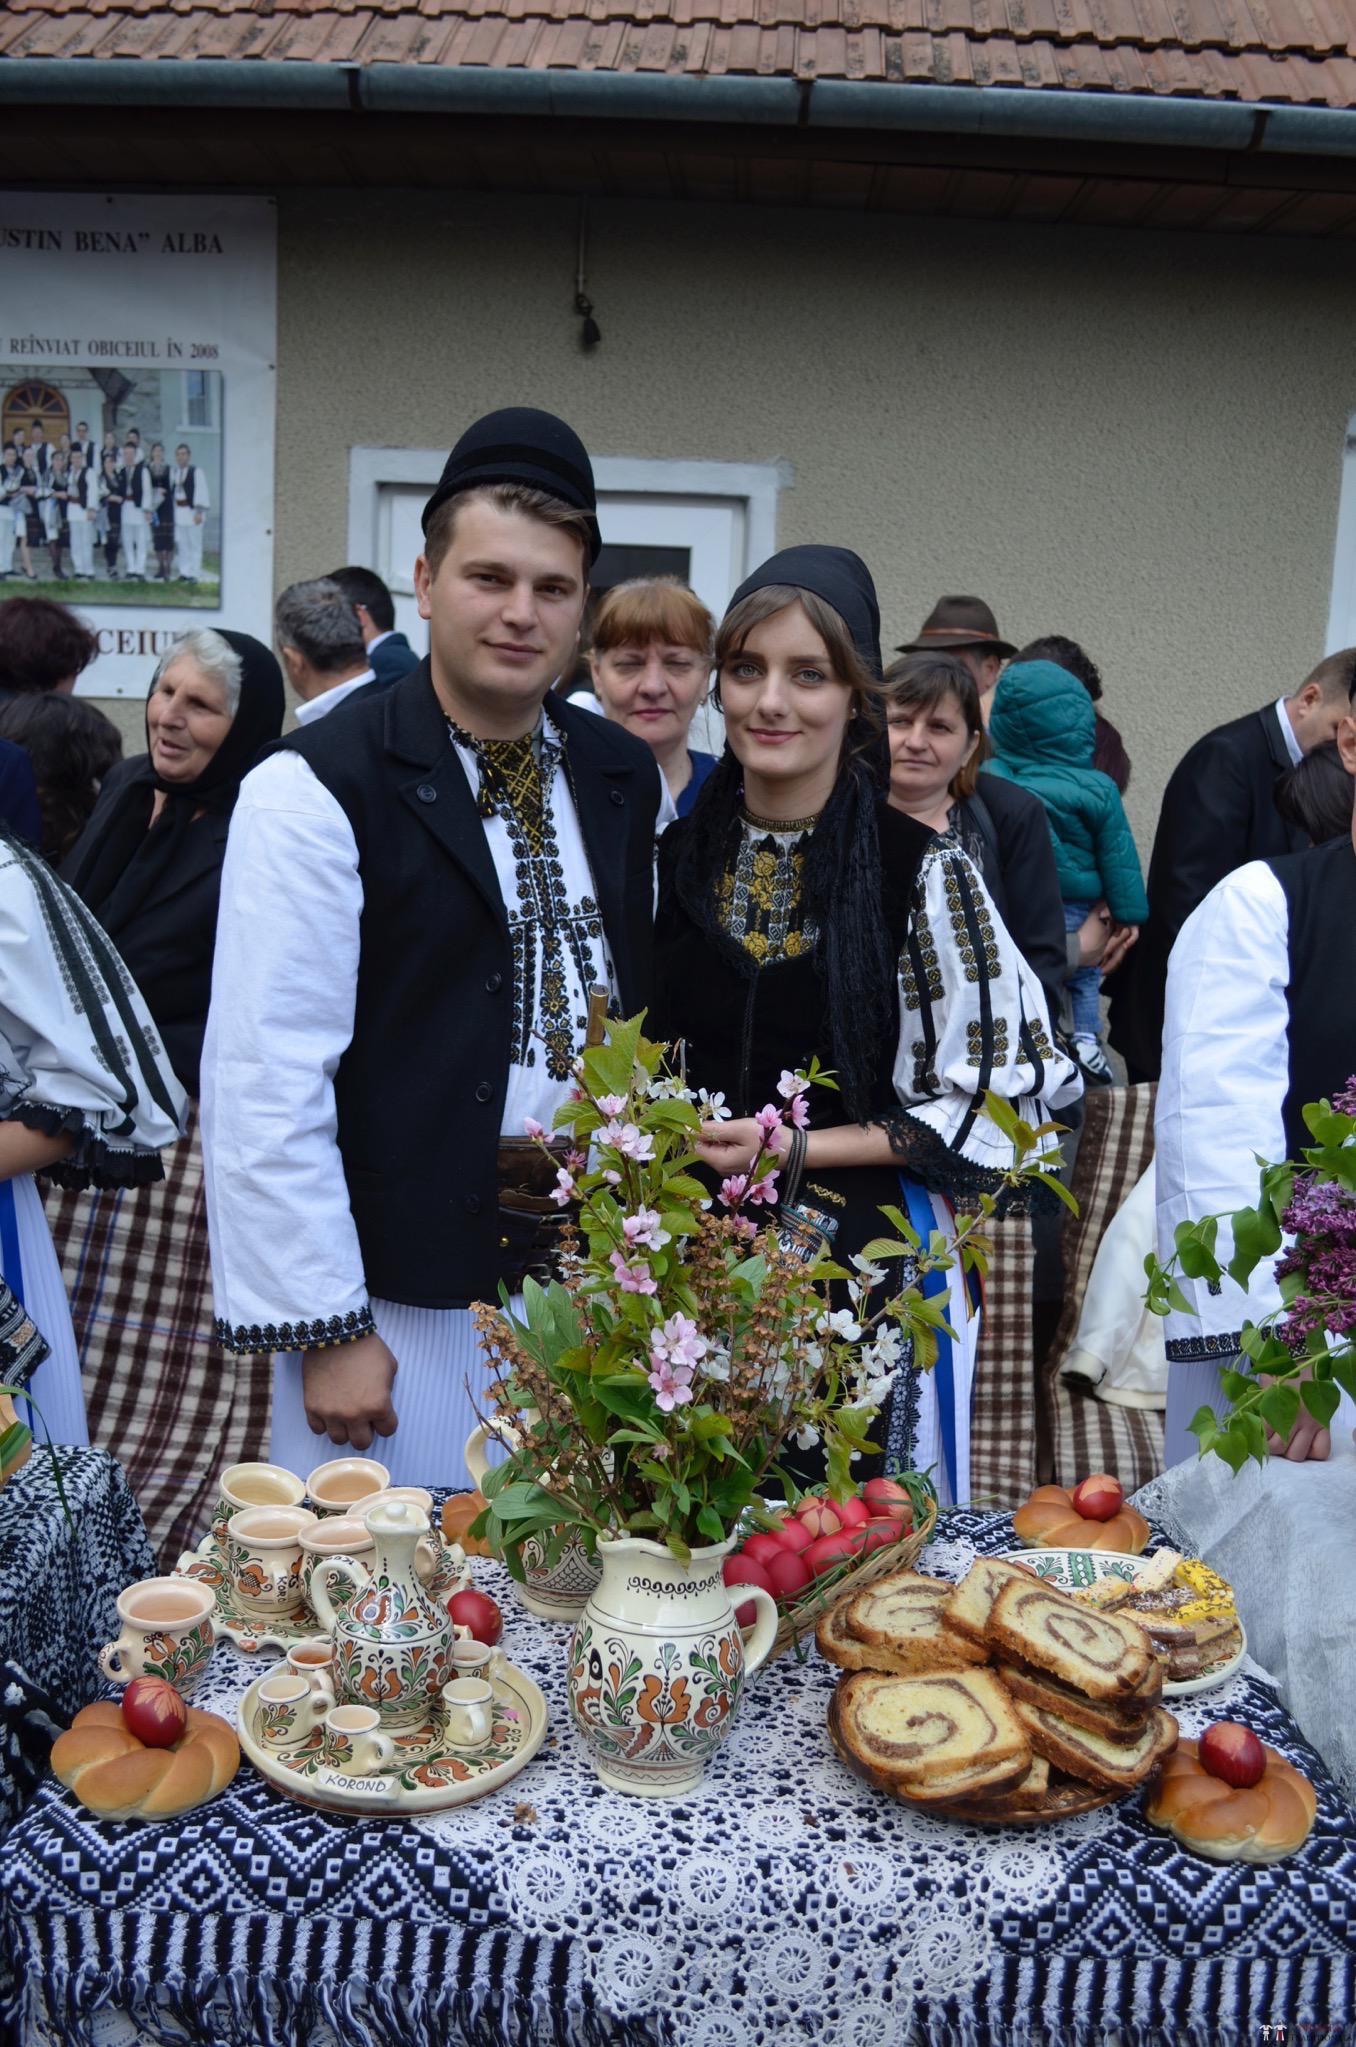 Povești Nunți Tradiționale - Constantin și Simona-Marilena. Nuntă tradițională în Căpâlna, Alba 73